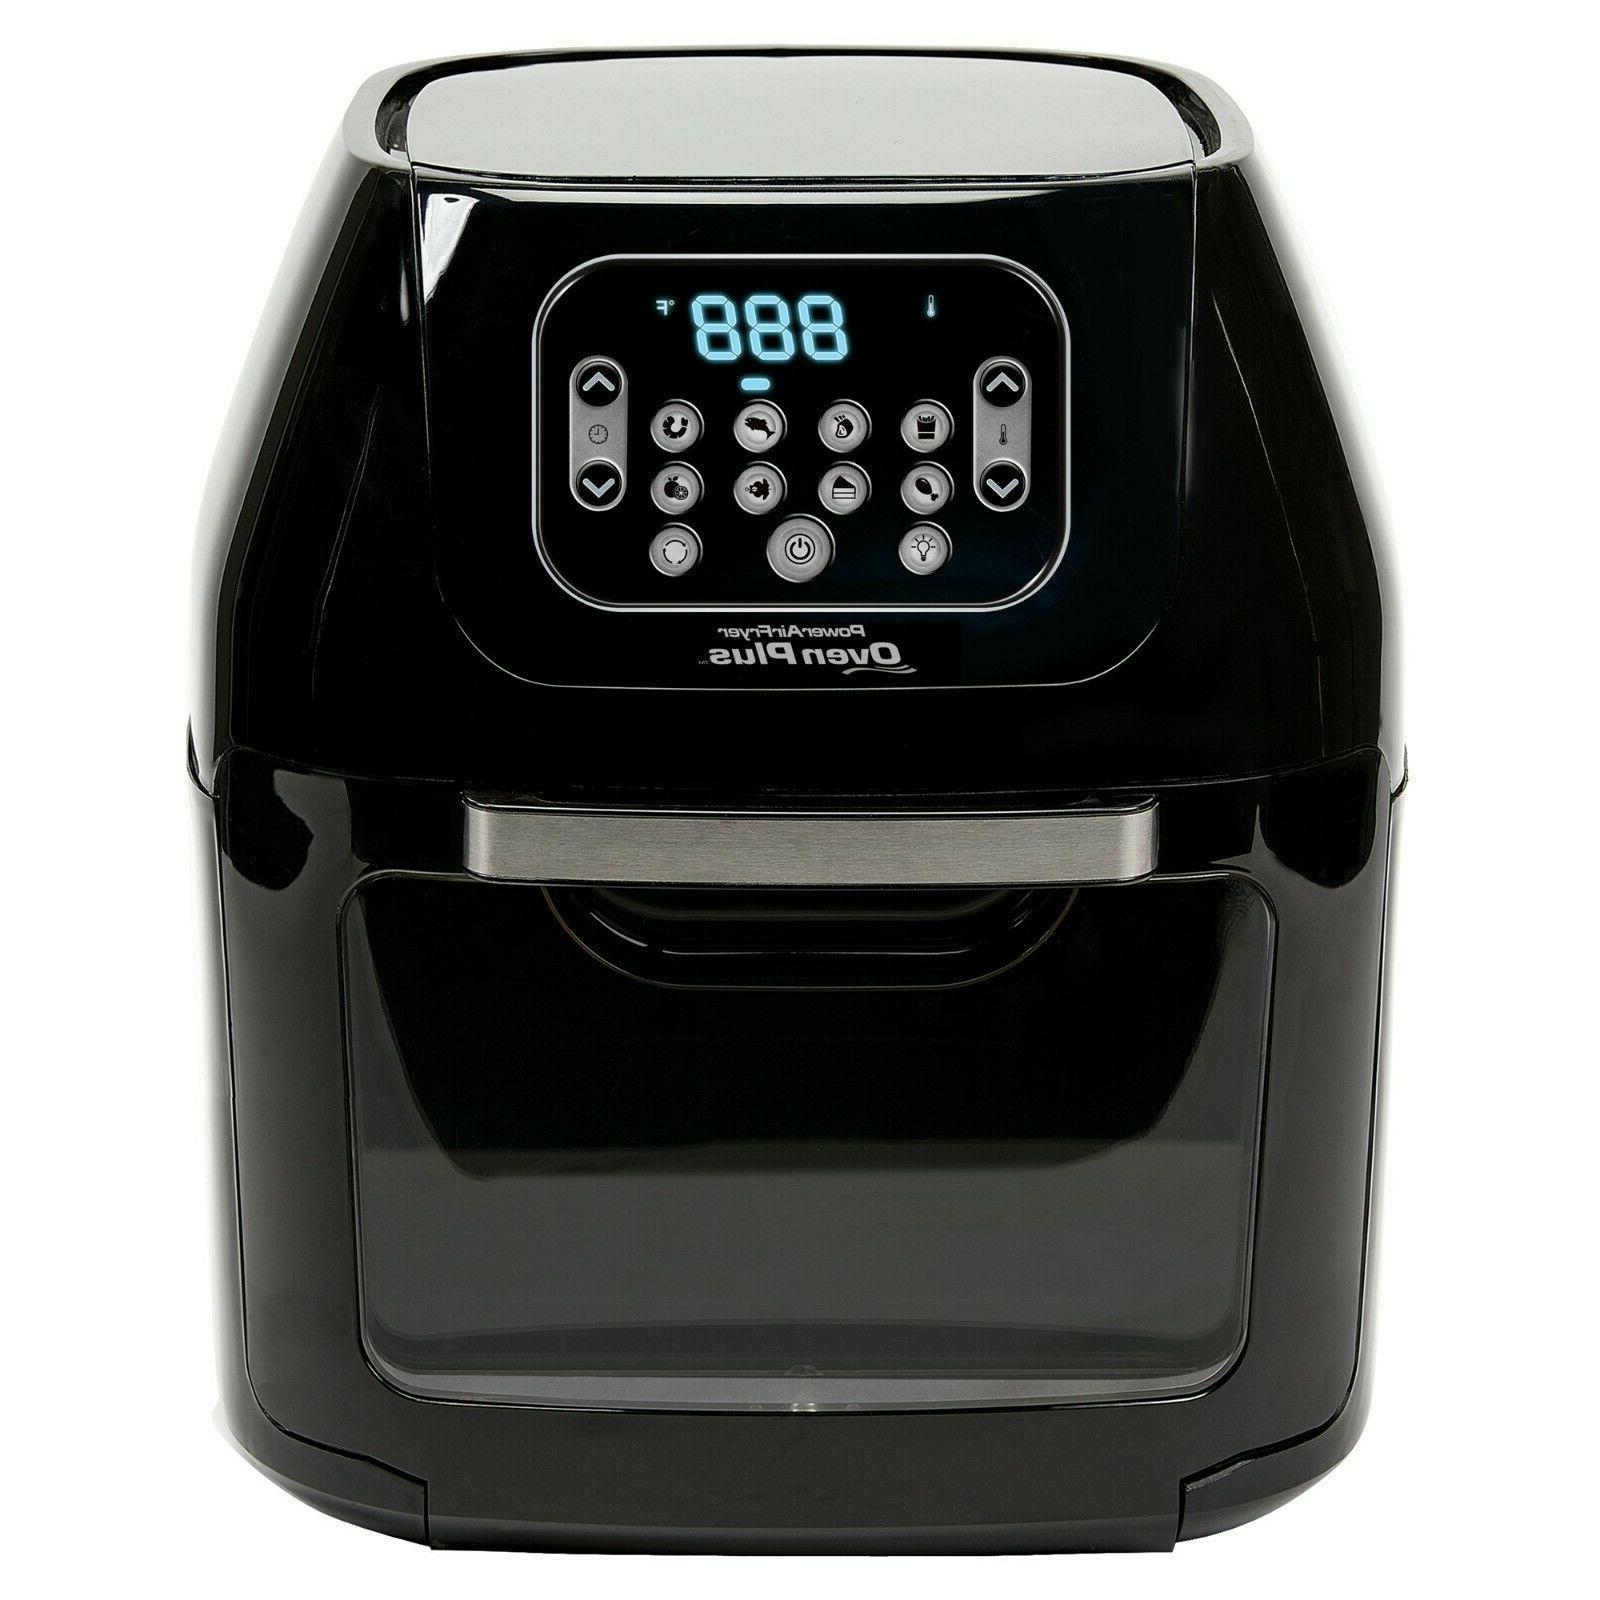 6 quart airfryer black small kitchen appliances